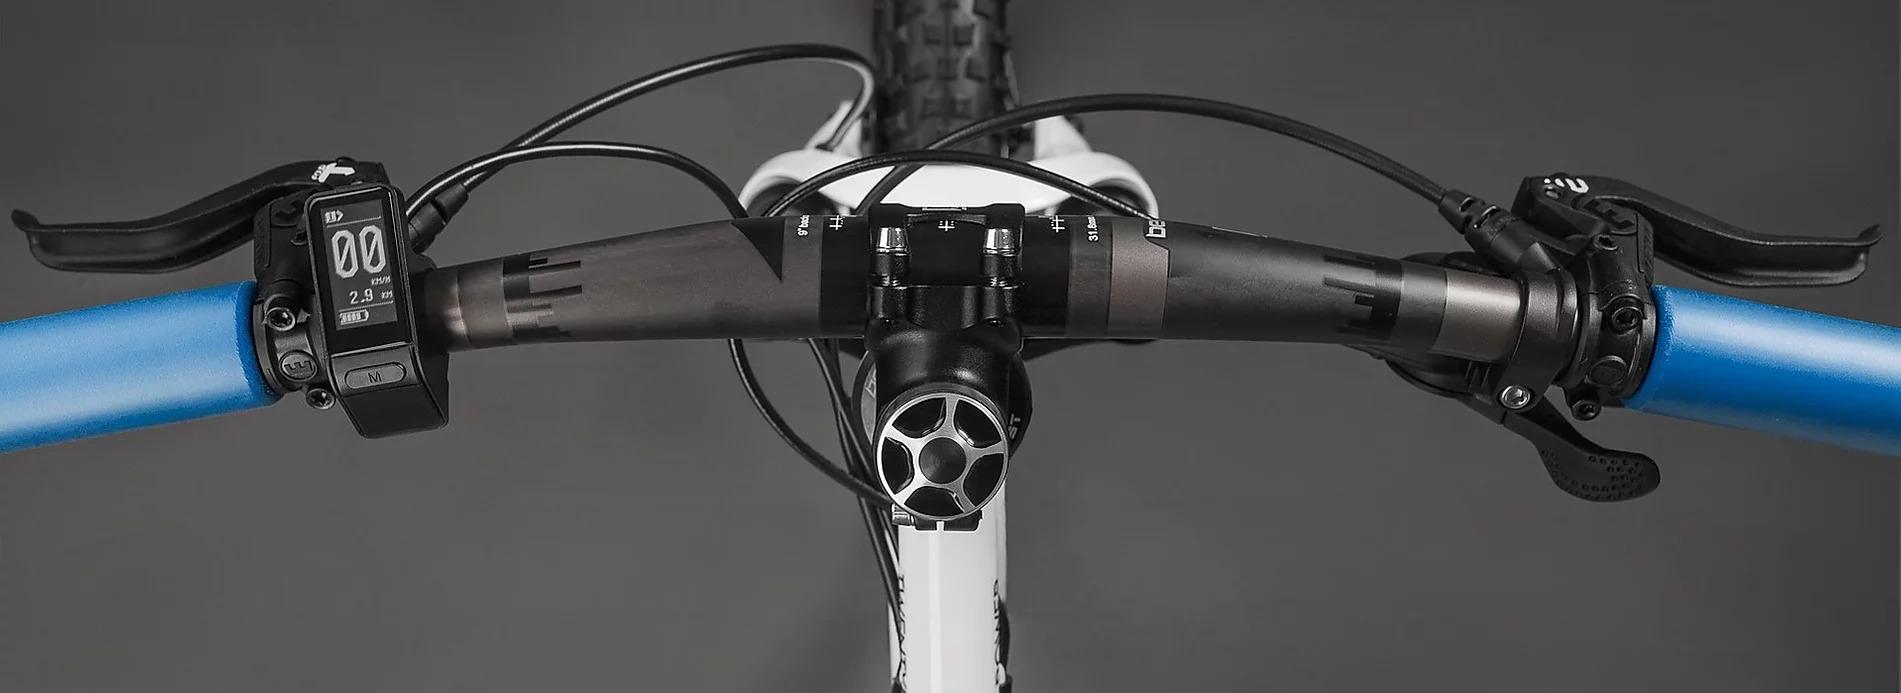 Lenker/Cockpit an einem Ben-E-Bike Kinderrad - Jugendrad